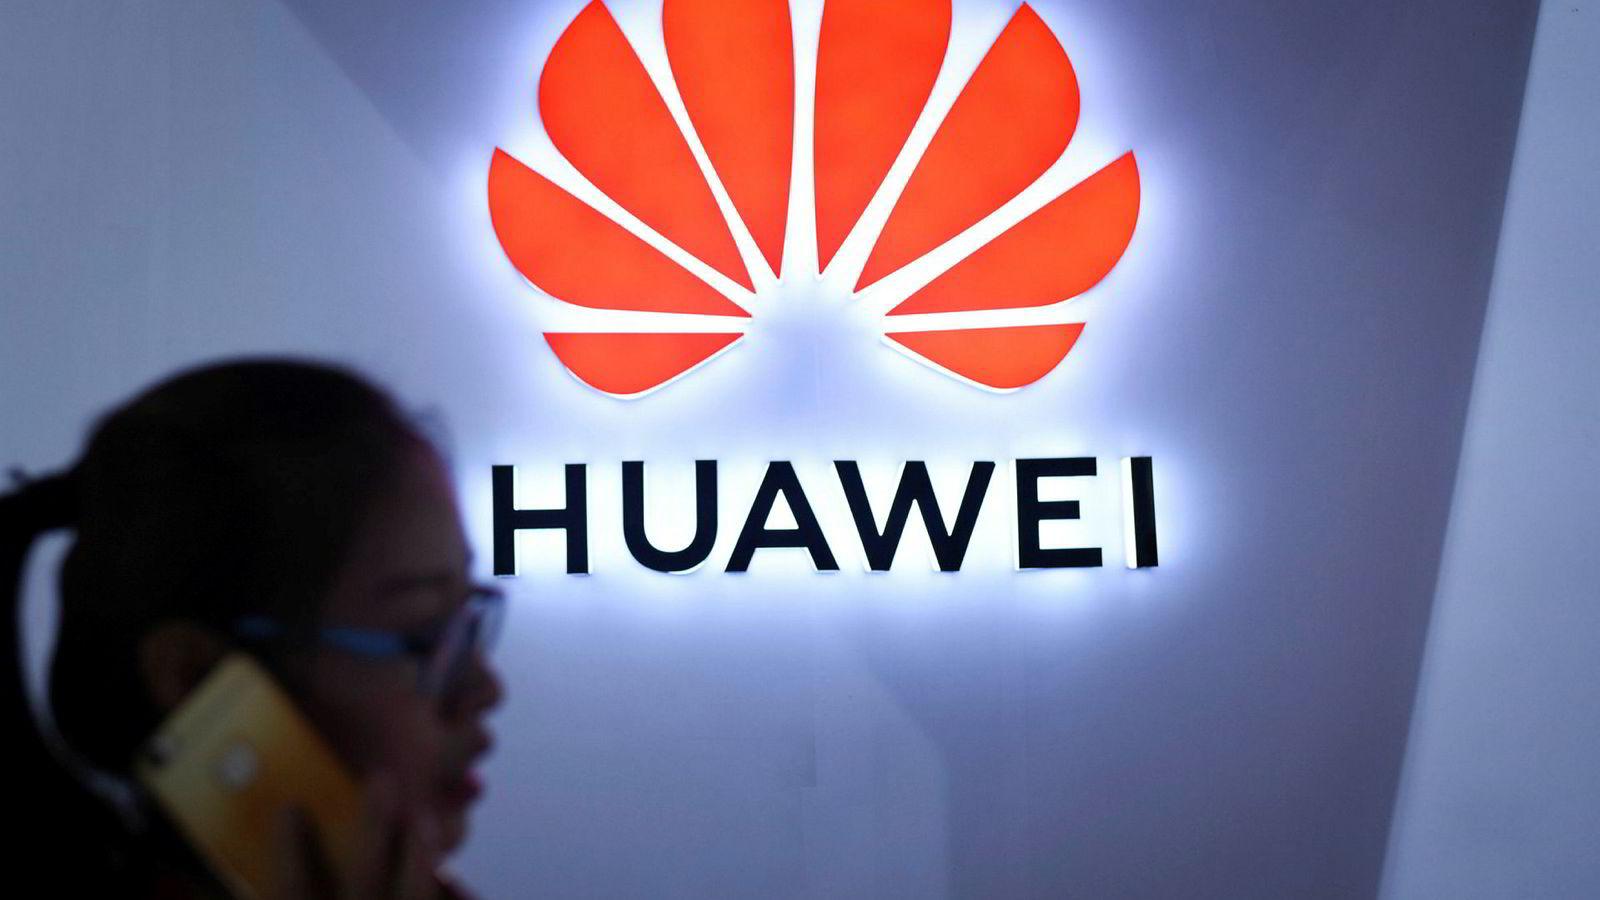 Det var bredt børsfall i Asia på torsdag, ledet av teknologiselskaper, etter at Huaweis finansdirektør ble arrestert i Canada. USA ønsker henne utlevert – til kraftige protester fra Kina.